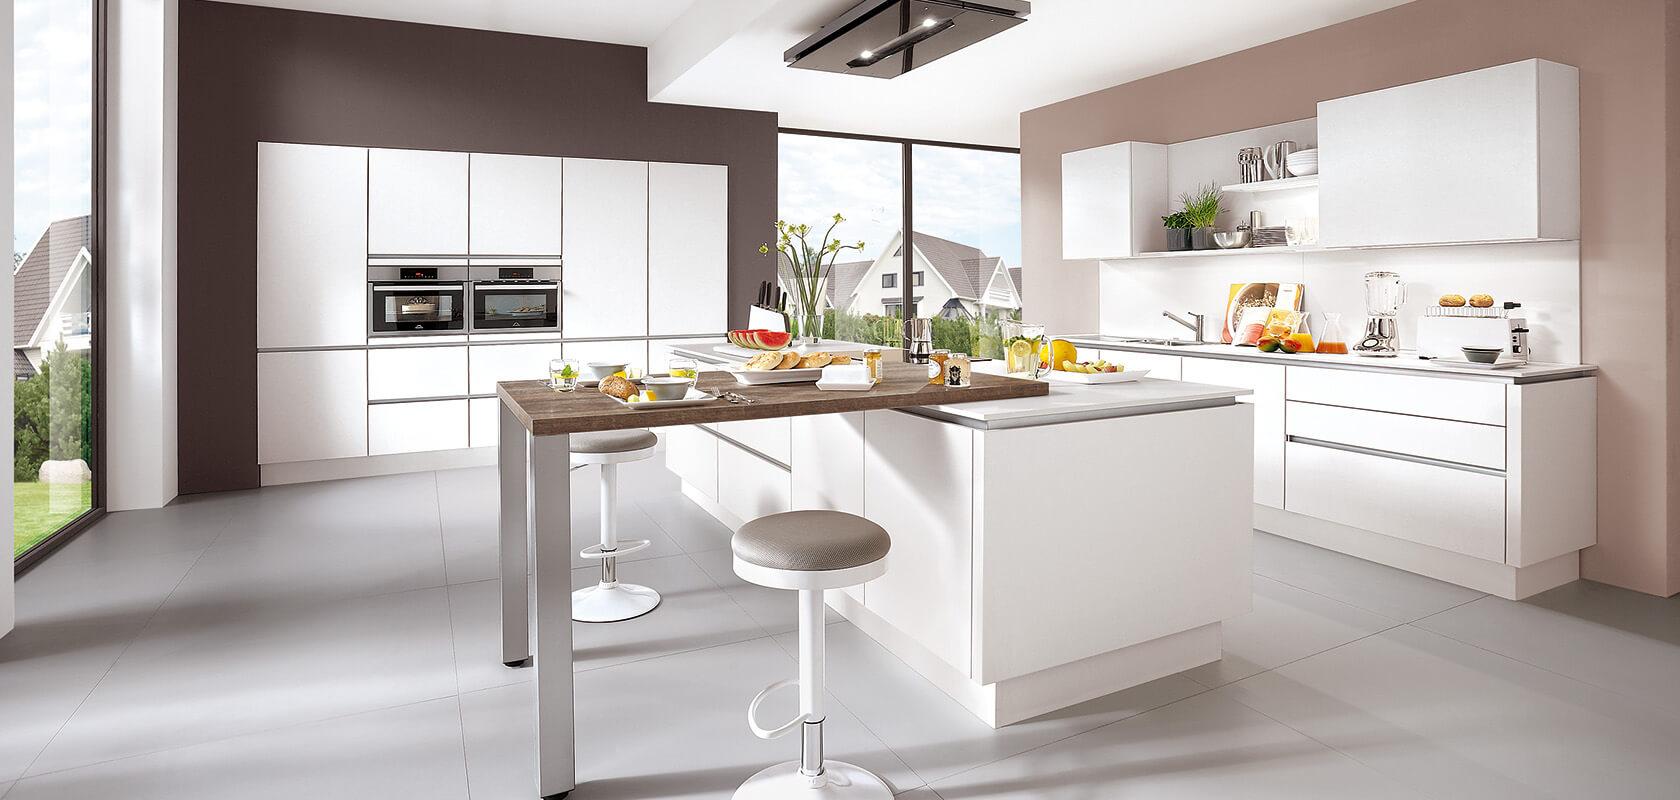 i-Home Kitchens – Nobilia Kitchens & German Kitchens :: The White ...